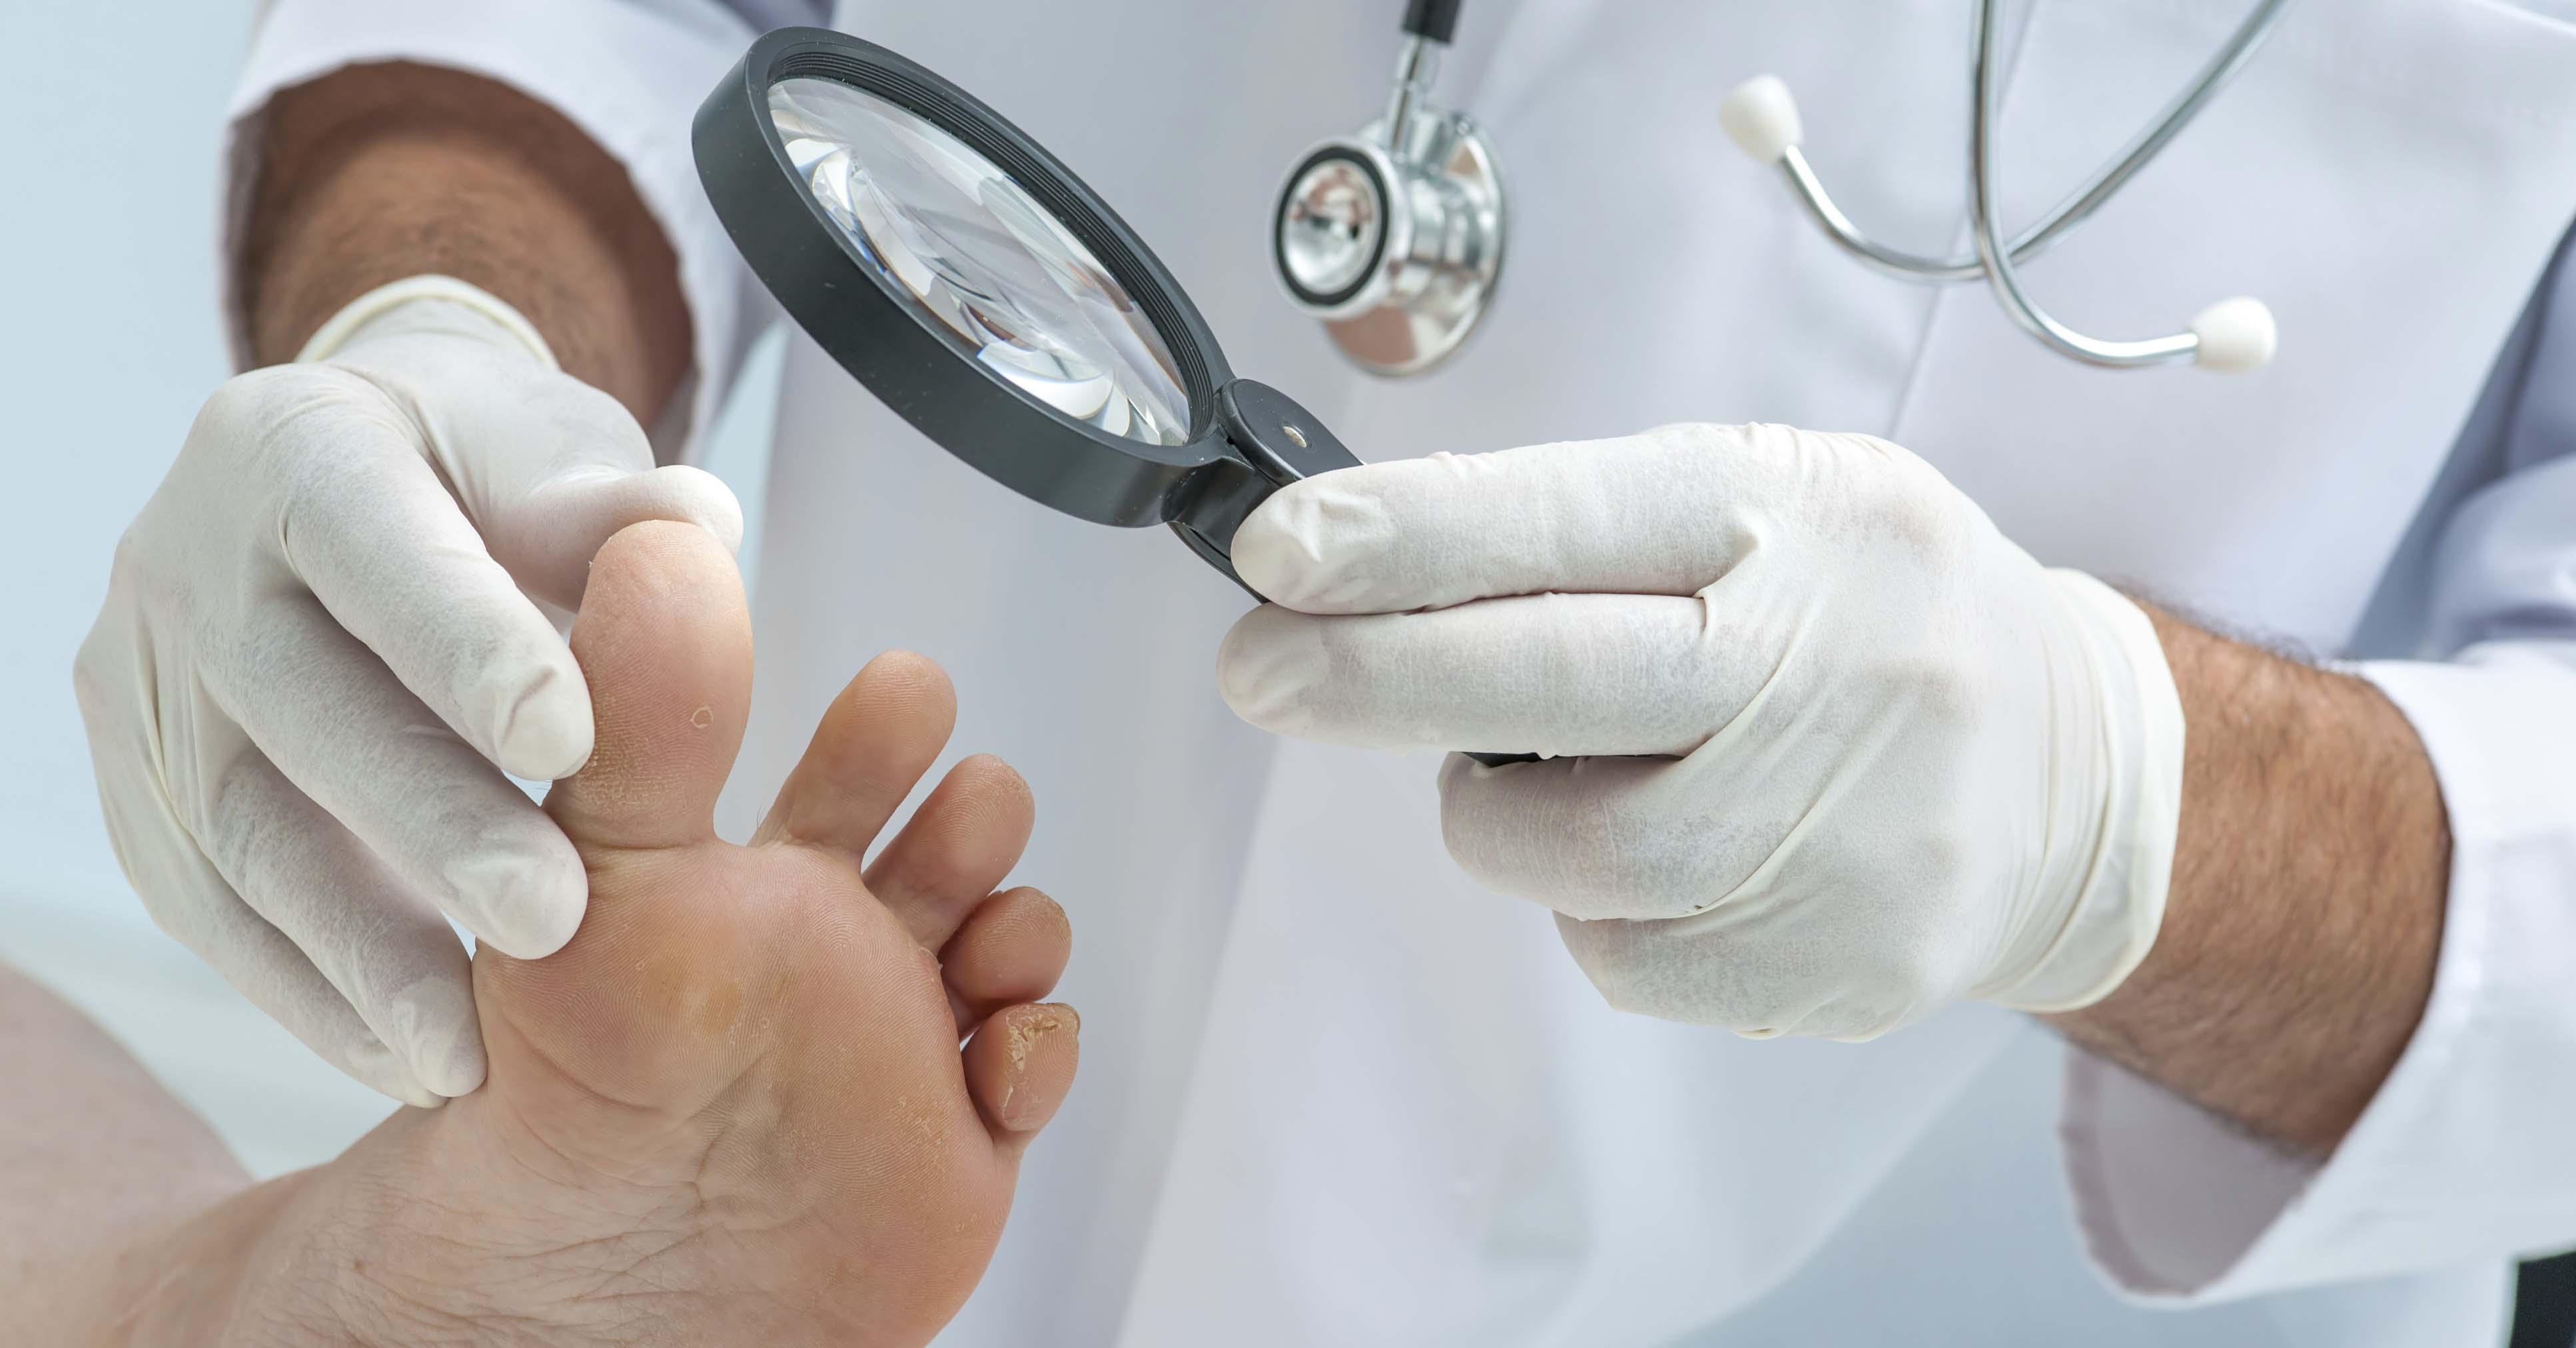 Вросший ноготь лечение после операции